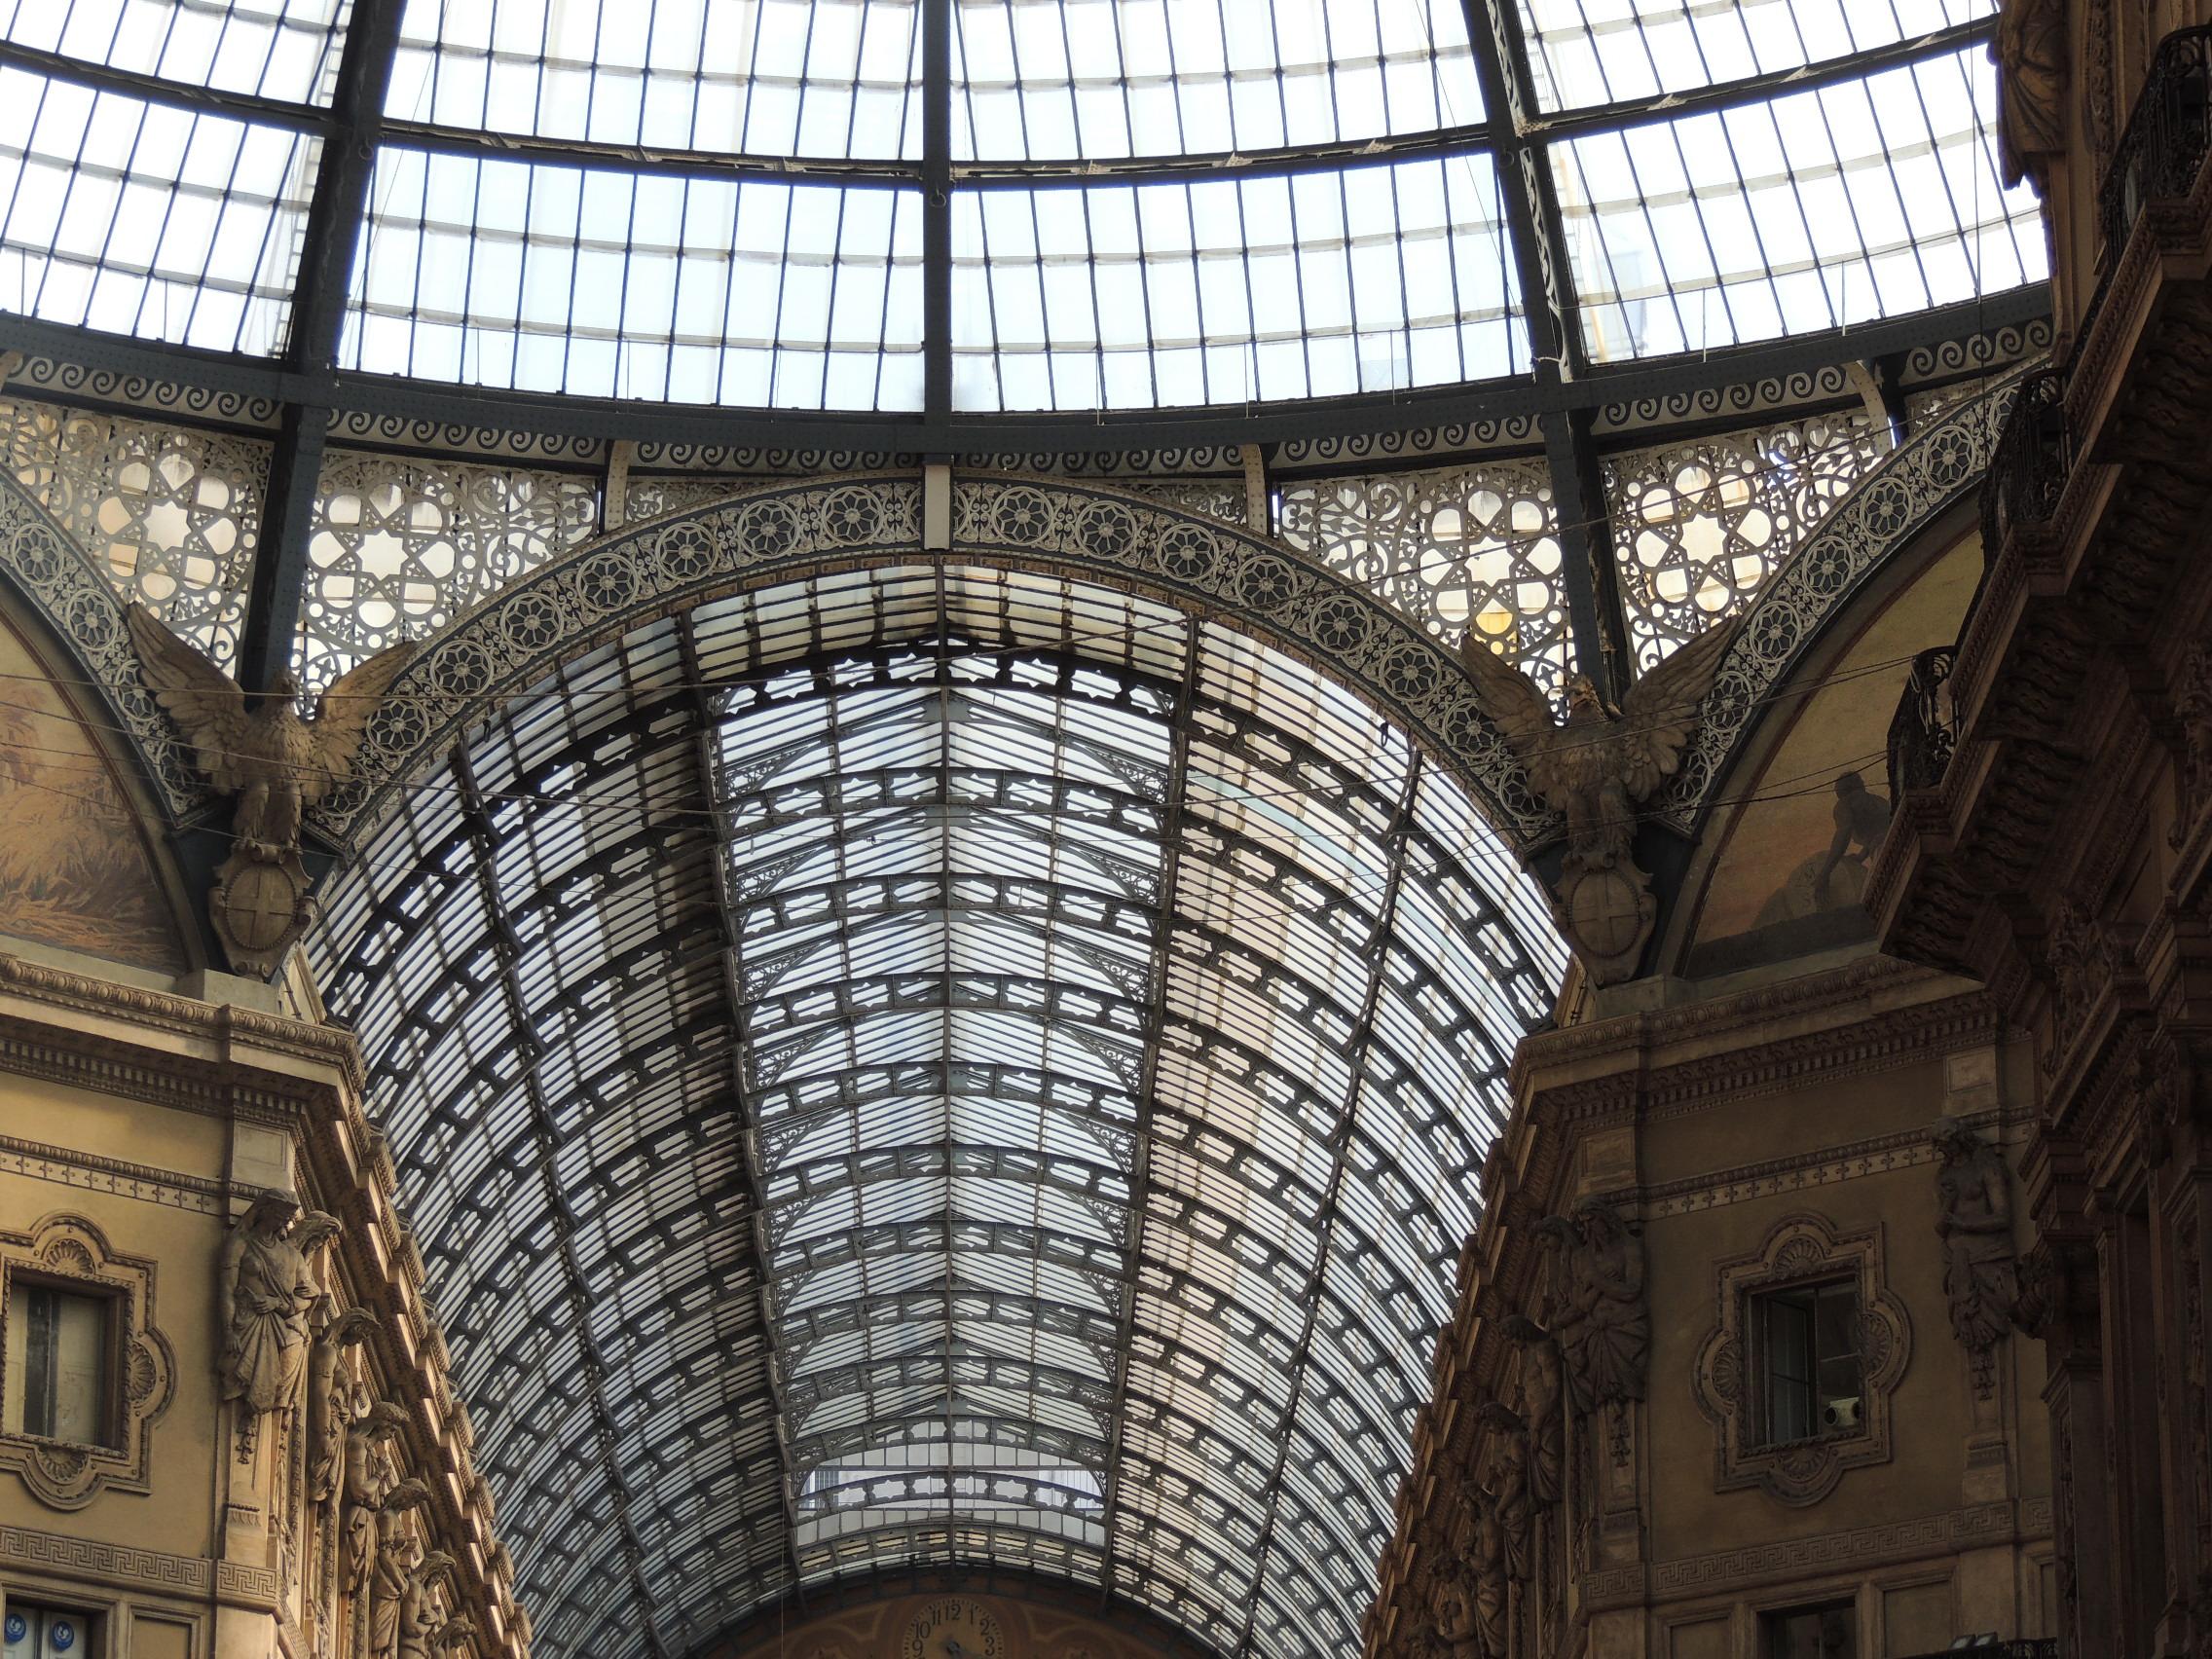 Galería Vittorio Emanuelle II